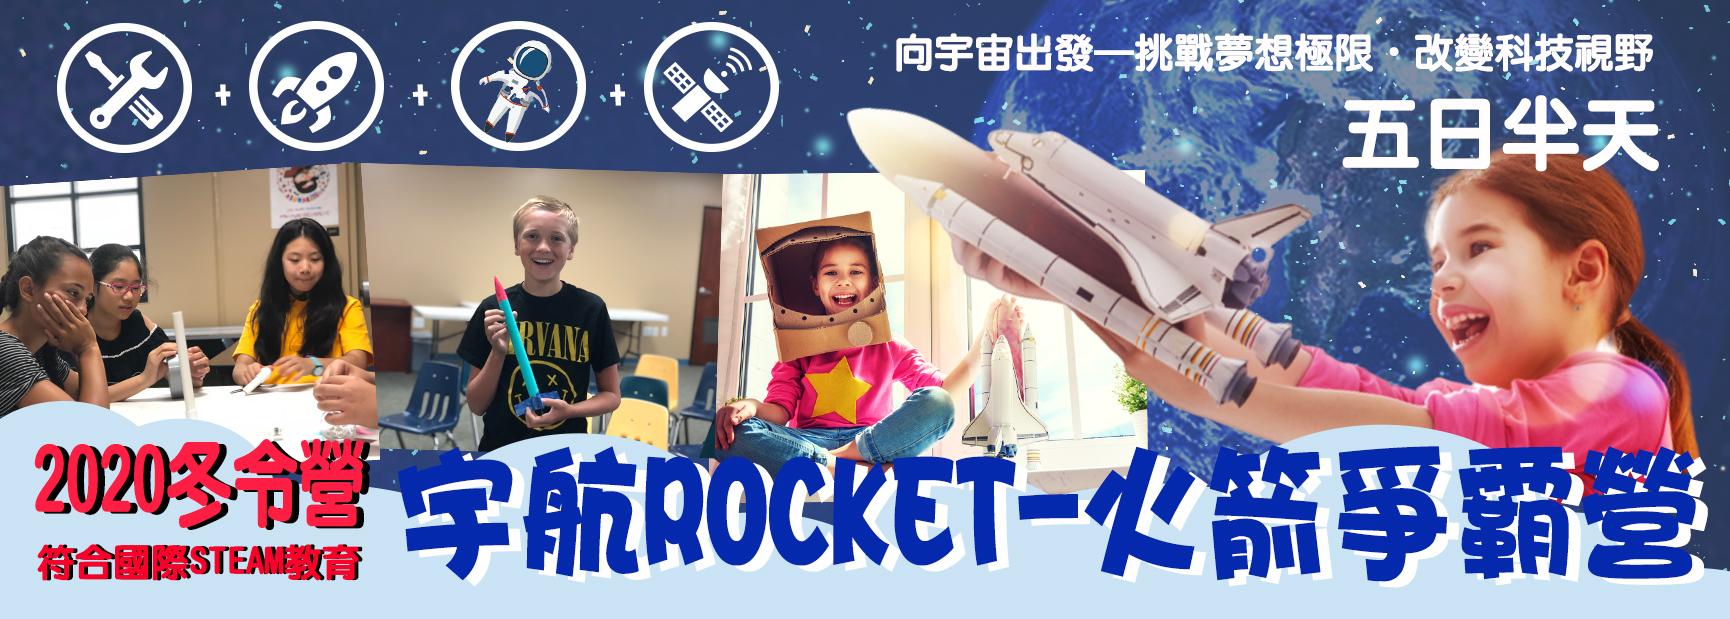 宇航ROCKET-火箭爭霸冬令營【五日半天】